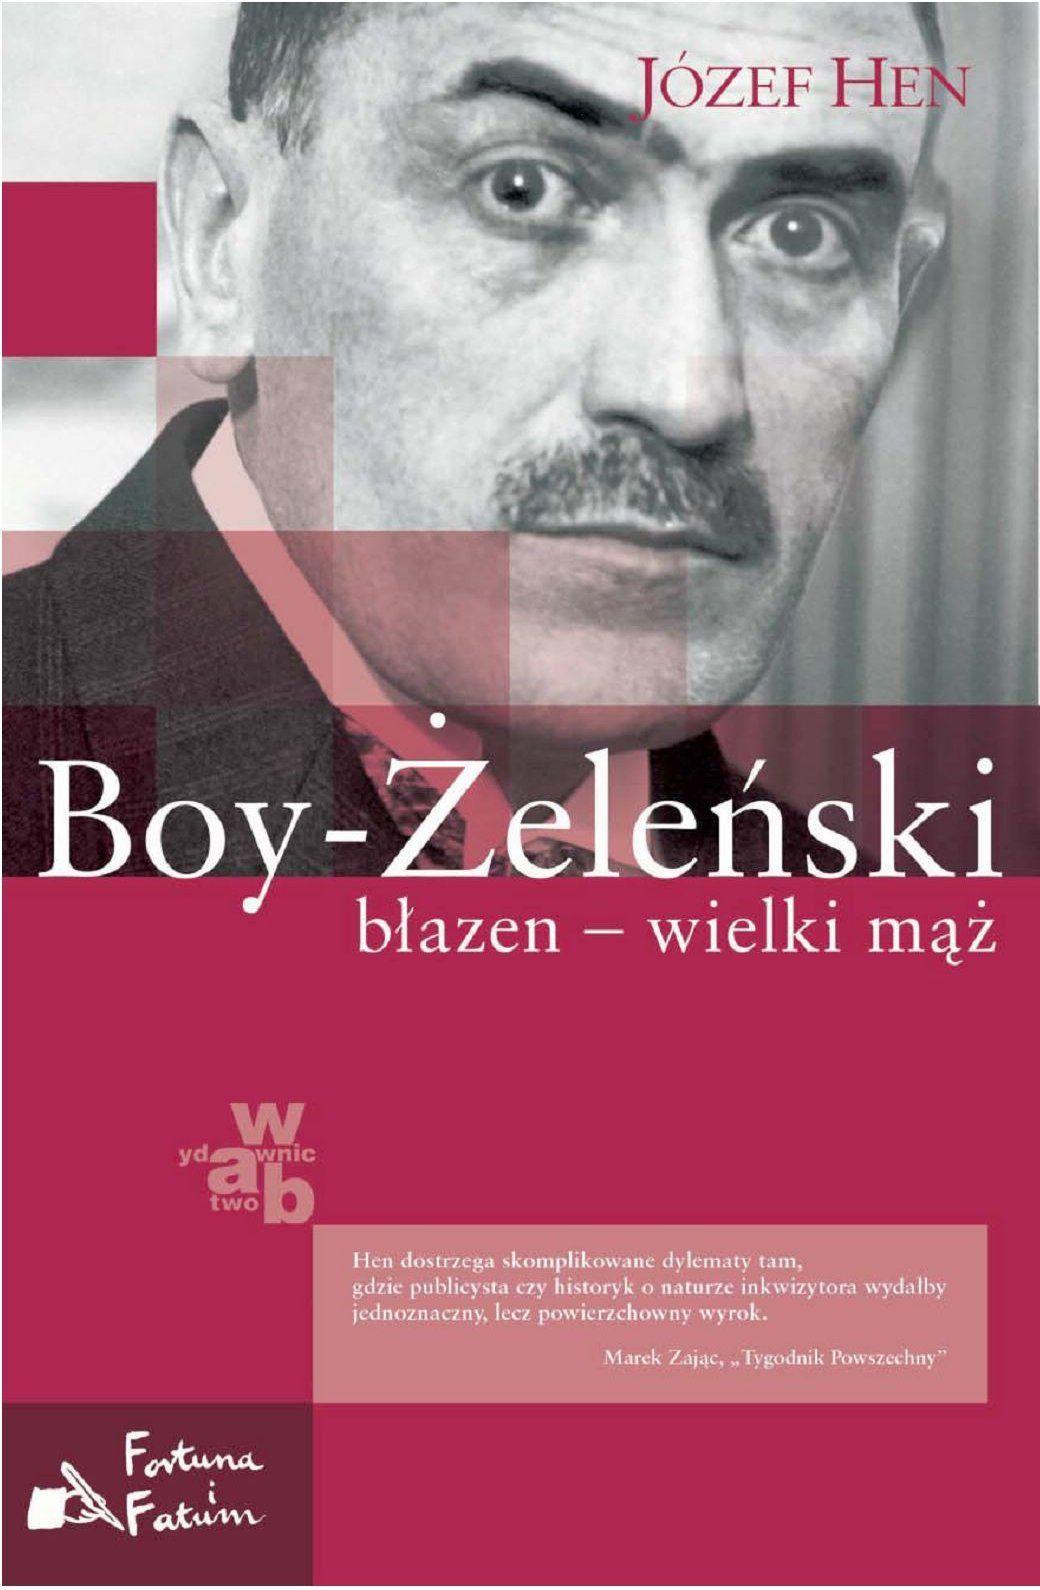 Boy-Żeleński. Błazen - wielki mąż - Ebook (Książka EPUB) do pobrania w formacie EPUB